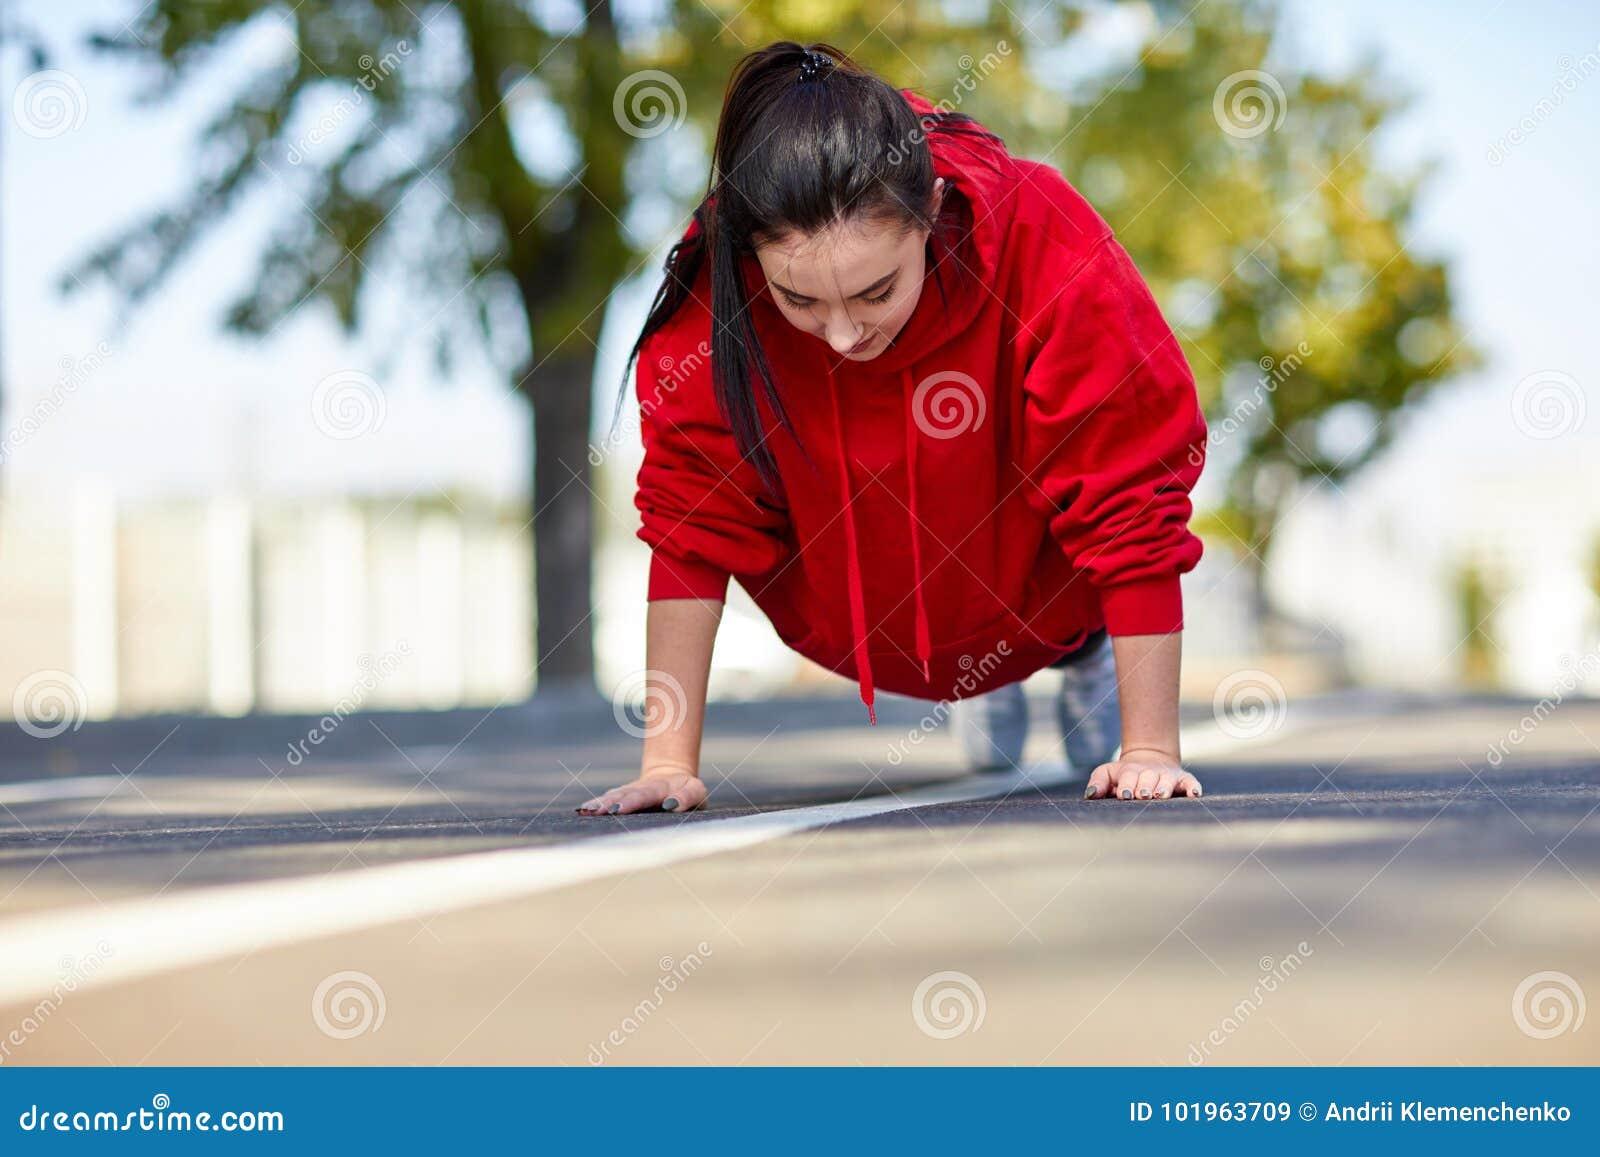 Συμπιέσεις κοριτσιών από το πάτωμα στην οδό